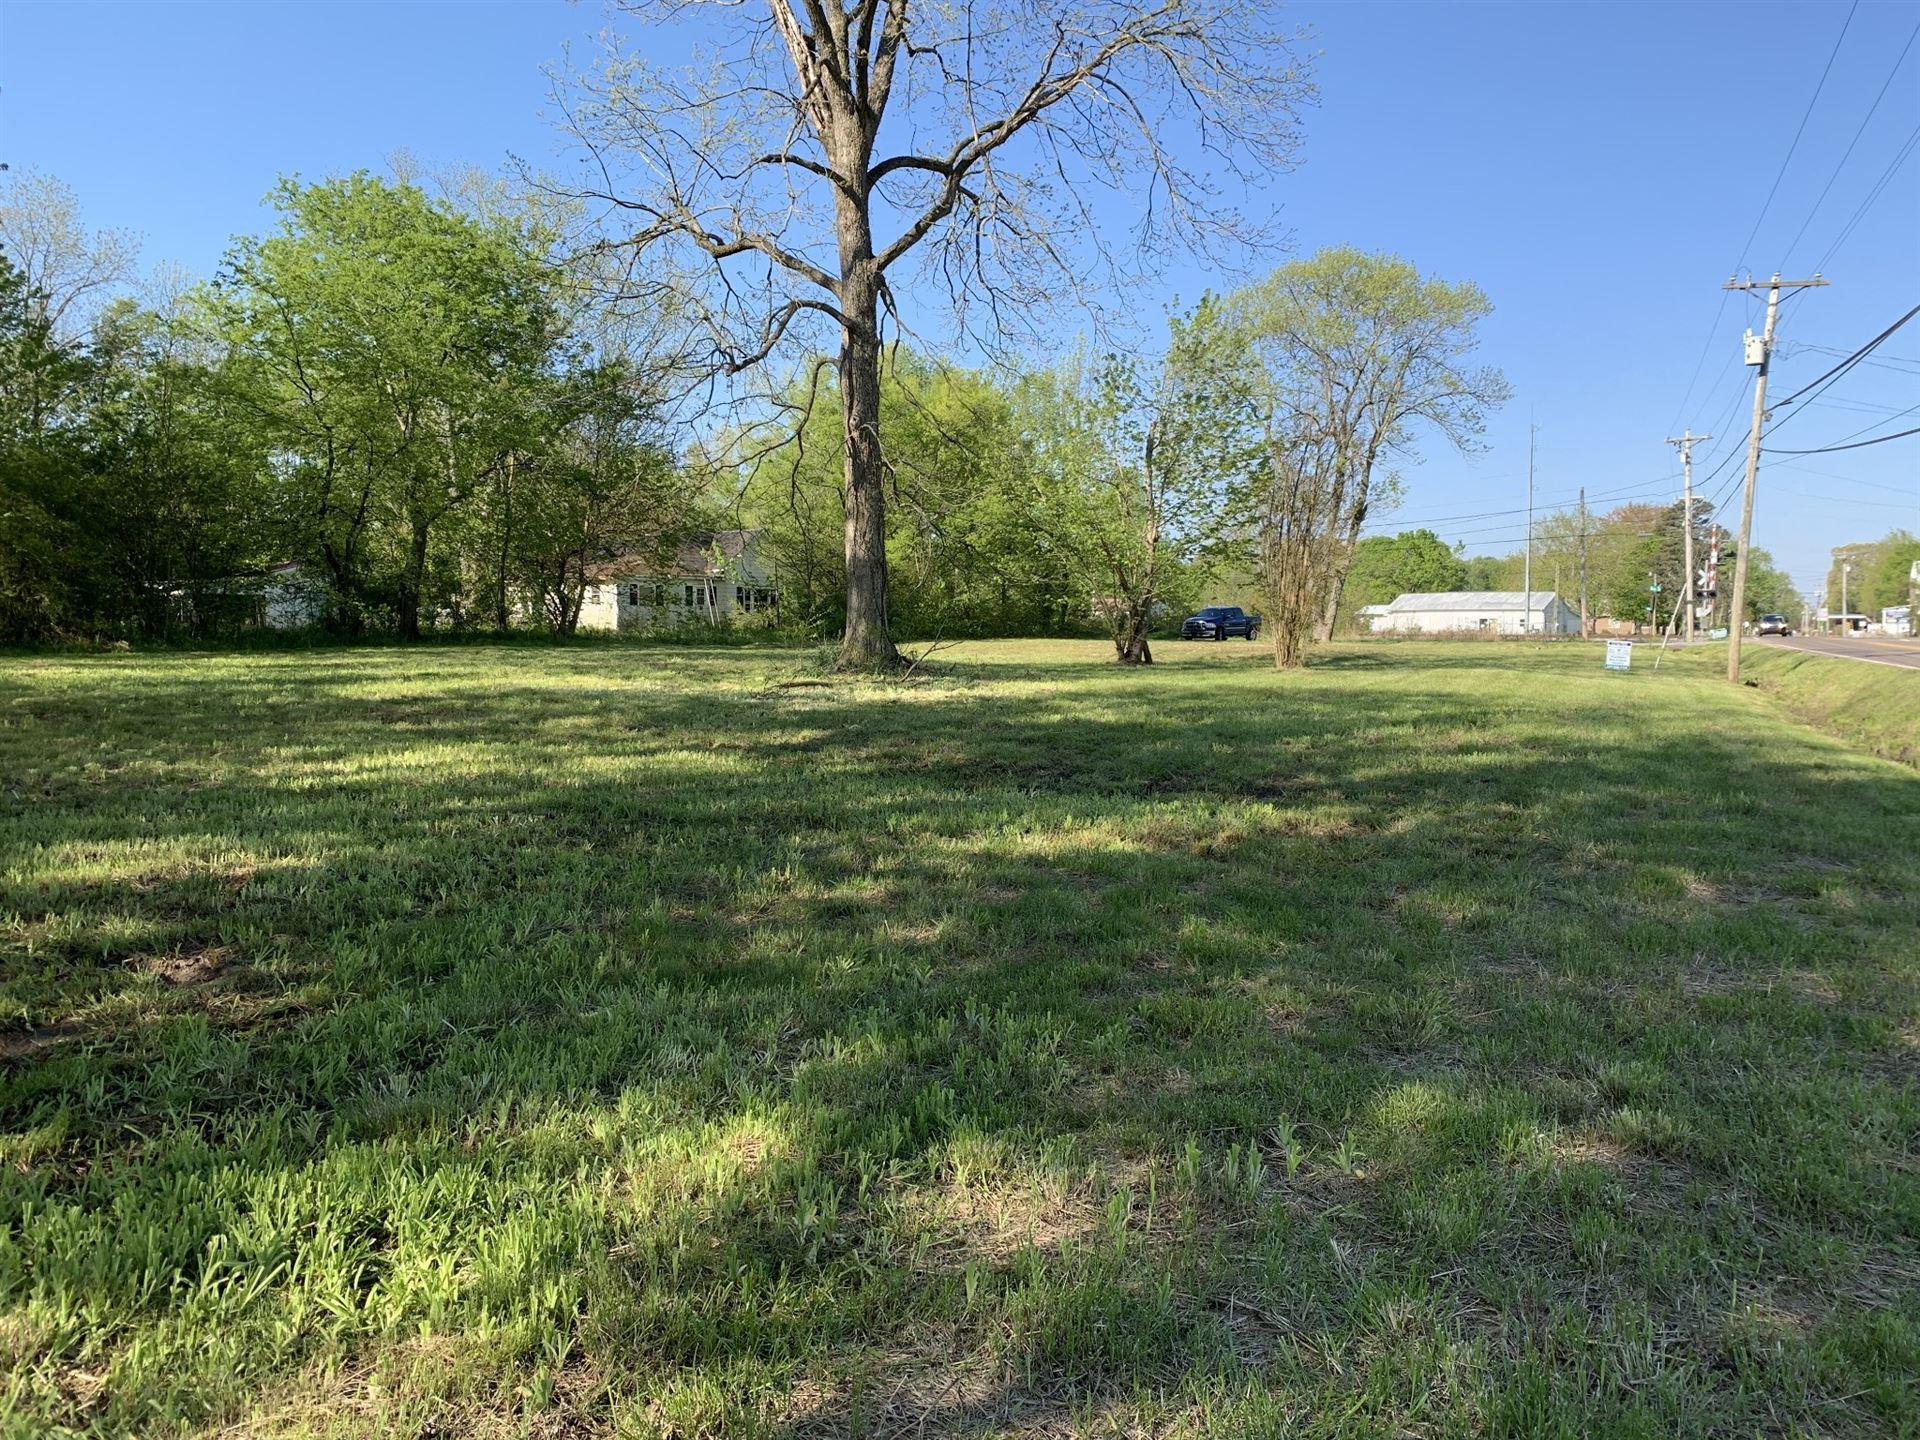 Photo of 100 Davis St, Summertown, TN 38483 (MLS # 2141953)